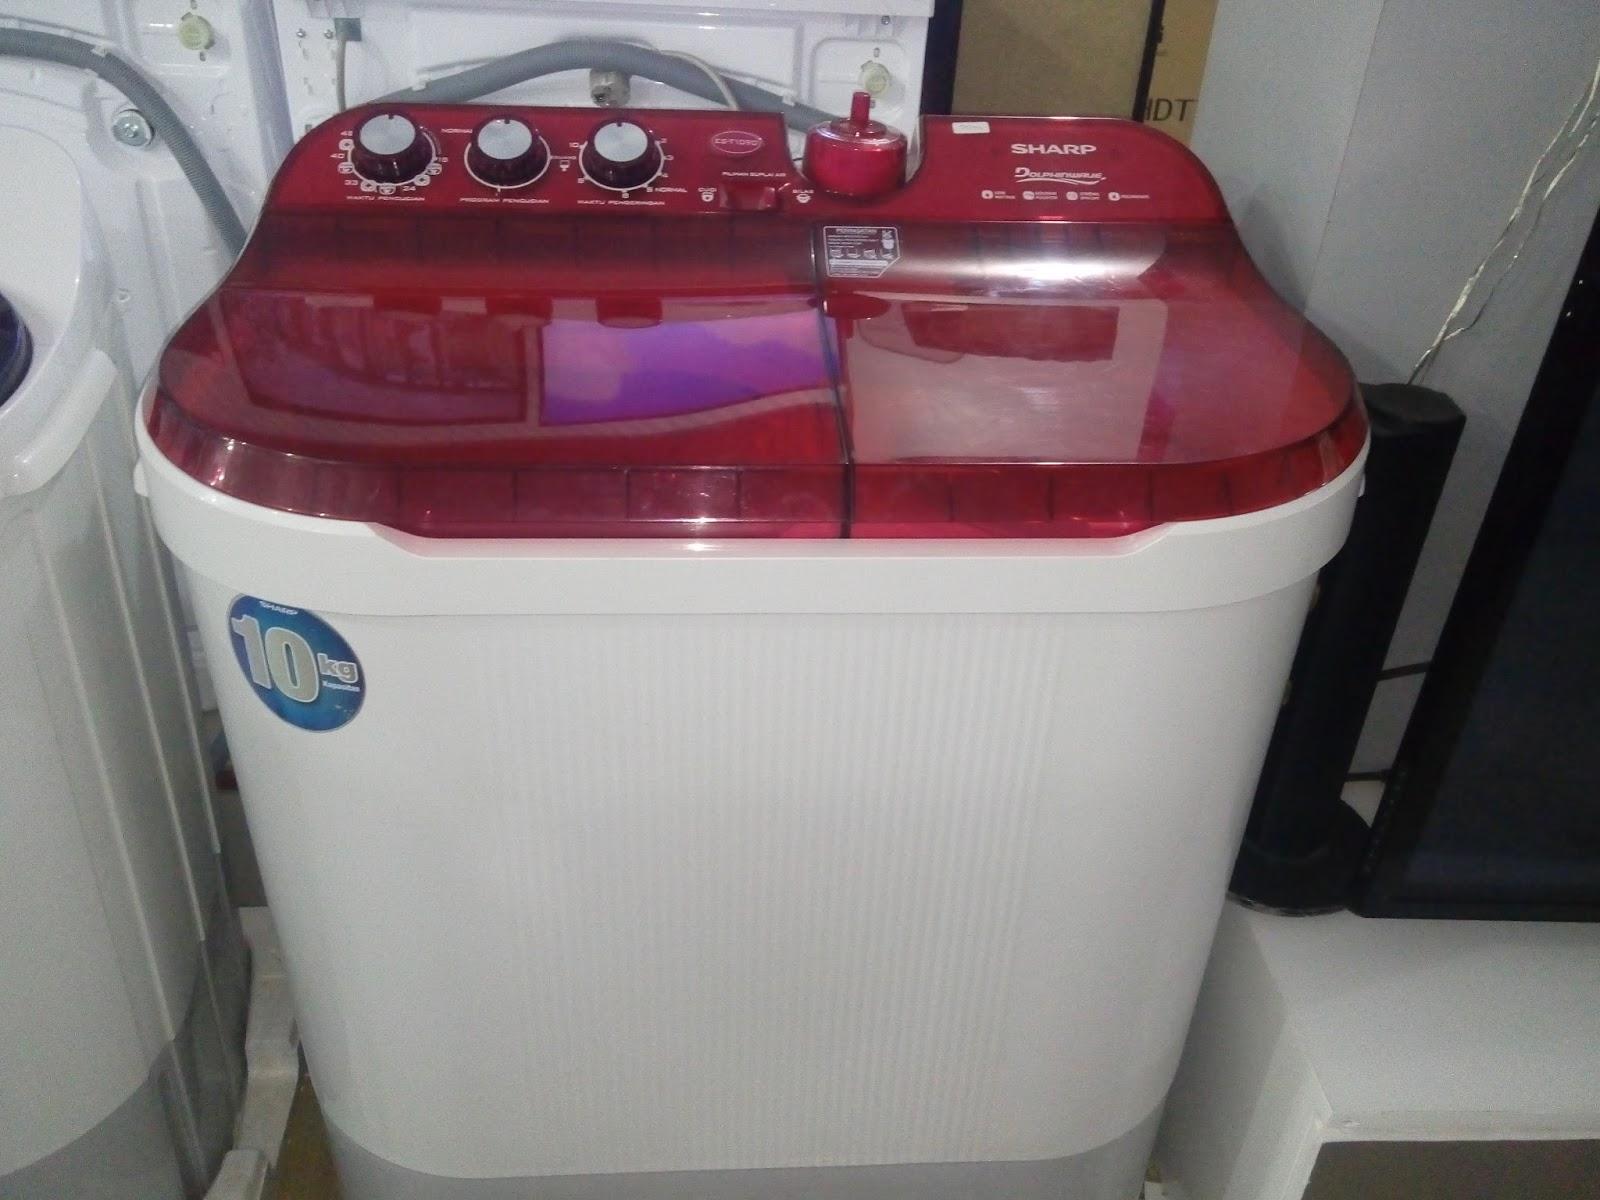 Tak Bias Dipungkiri Penggunaan Mesin Cuci Sangat Membantu Dalam Kehidupan Sehari Hari Apalagi Untuk Masyarakat Perkotaan Yang Mobilitas Sehari Harinya